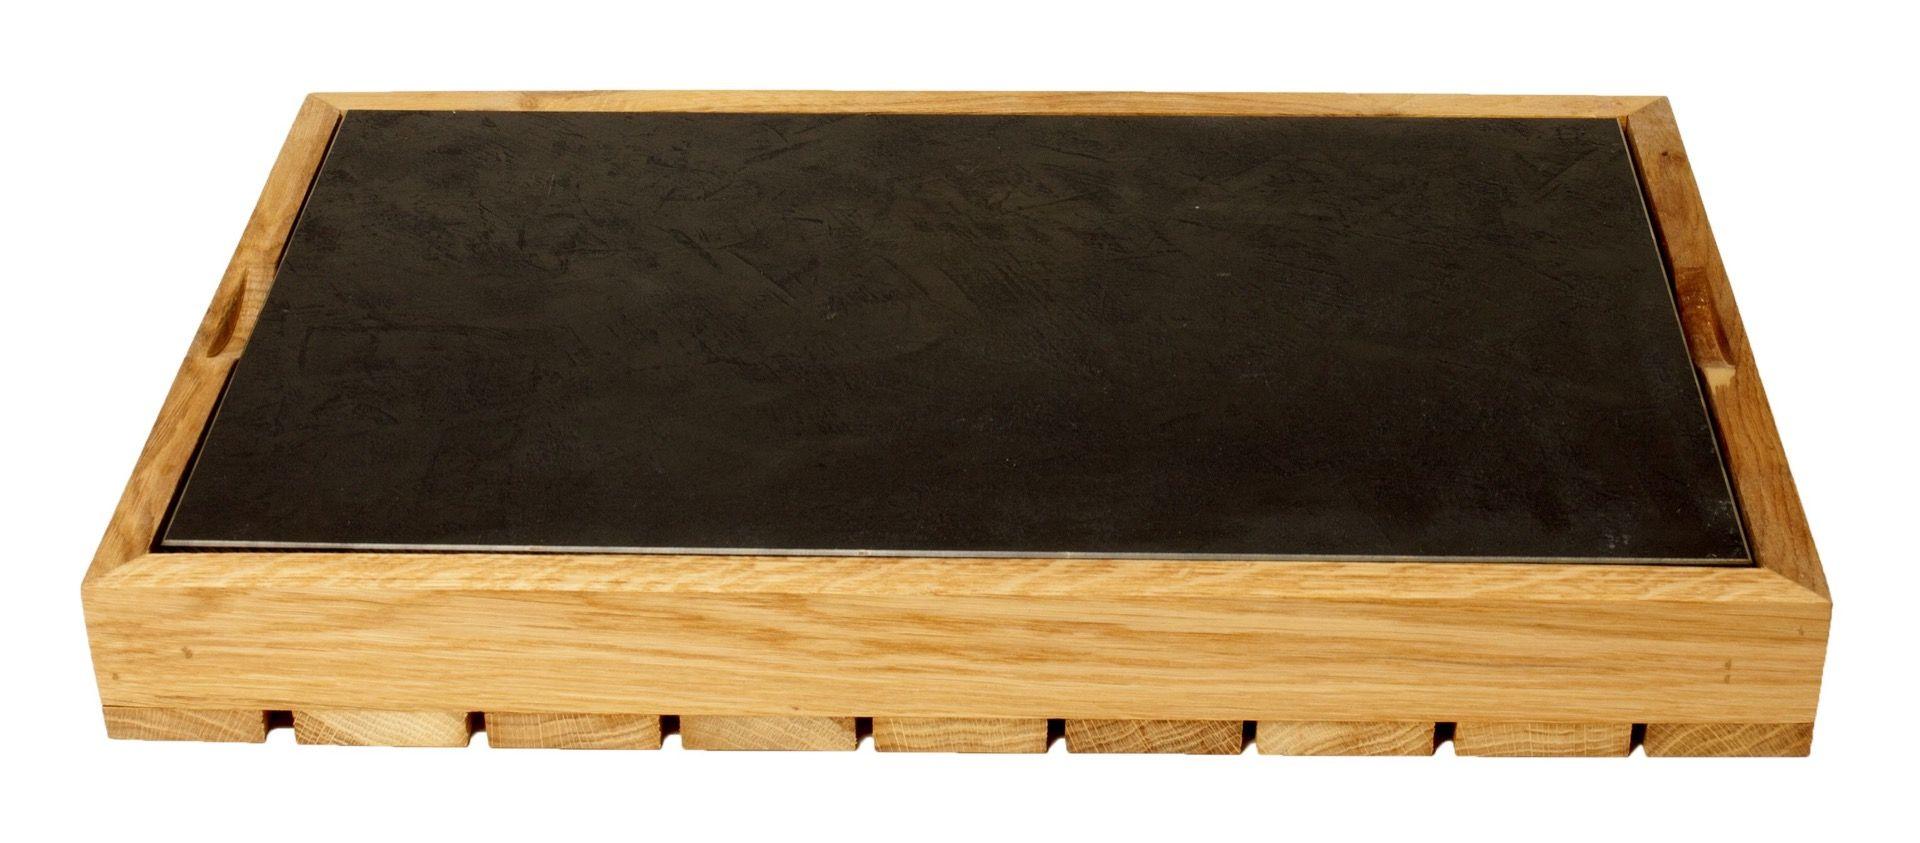 Box s chladící vložkou GN 1/1 - Verlo